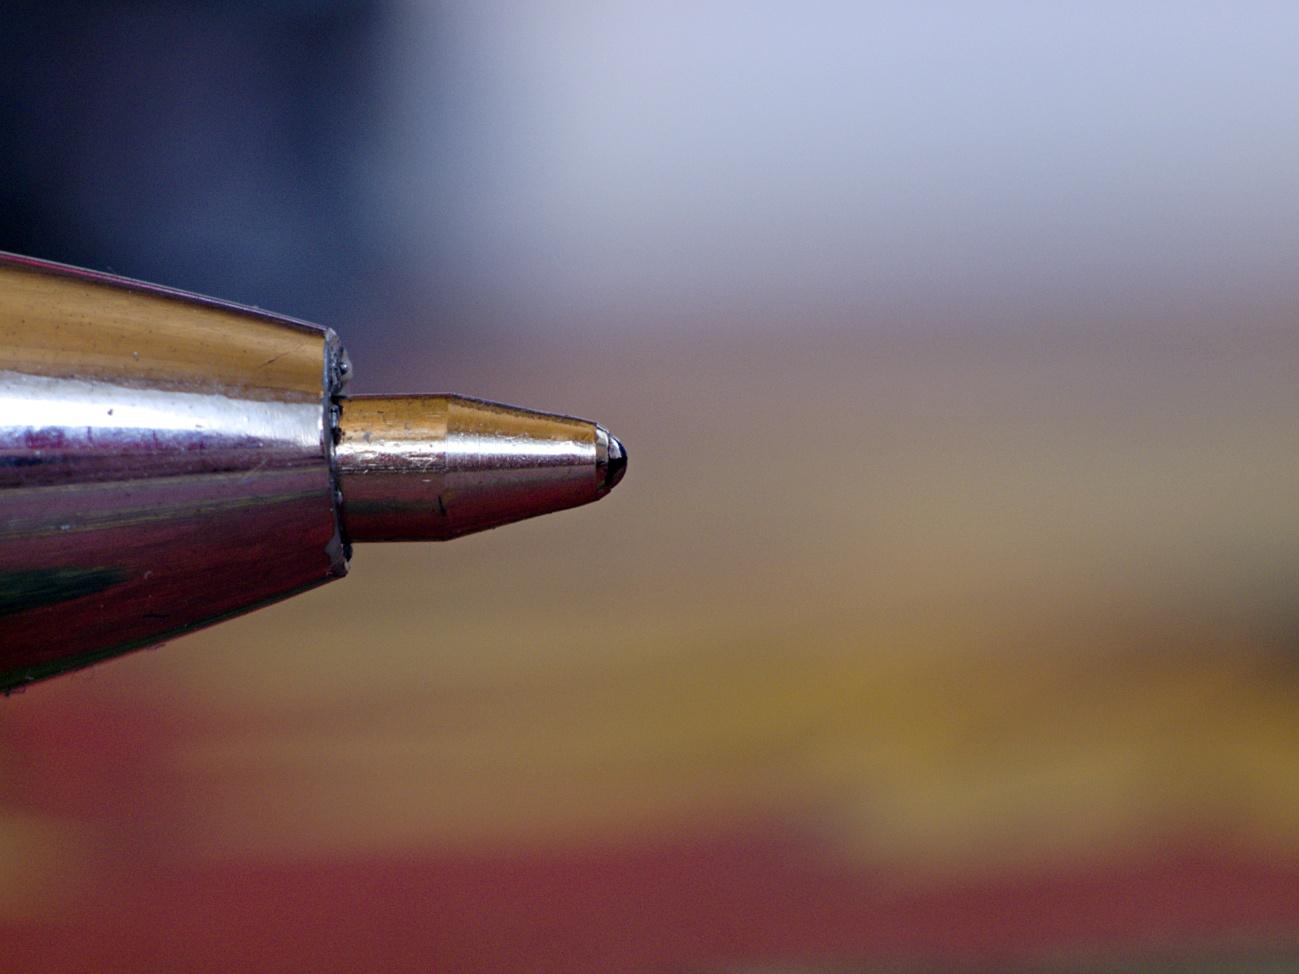 Kugelschreiberspitze in ganz groß